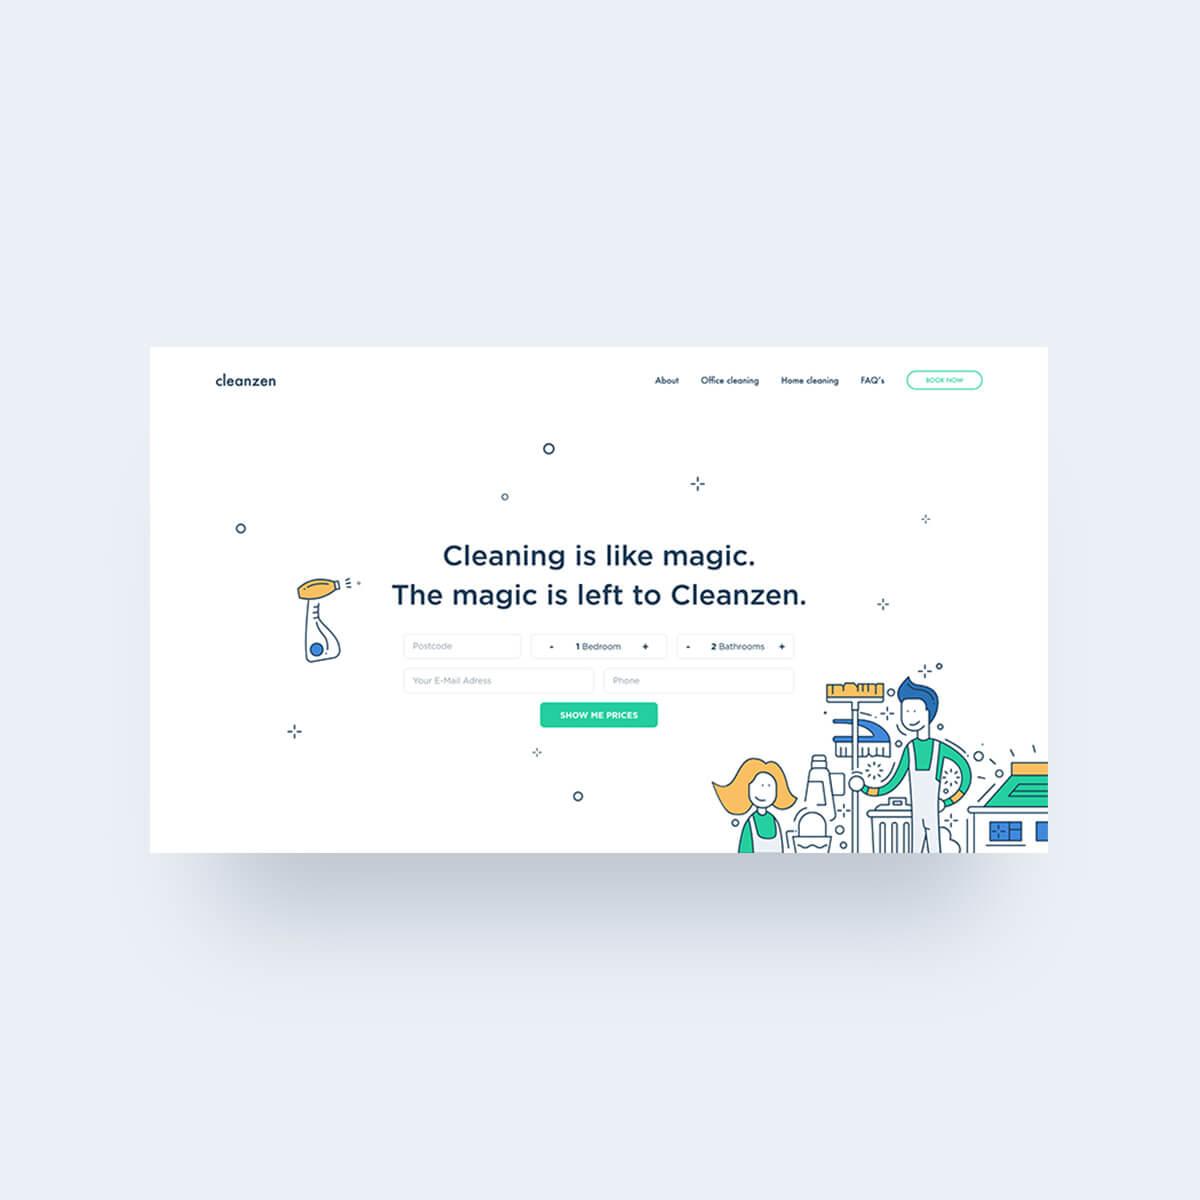 cleanzen-desktop